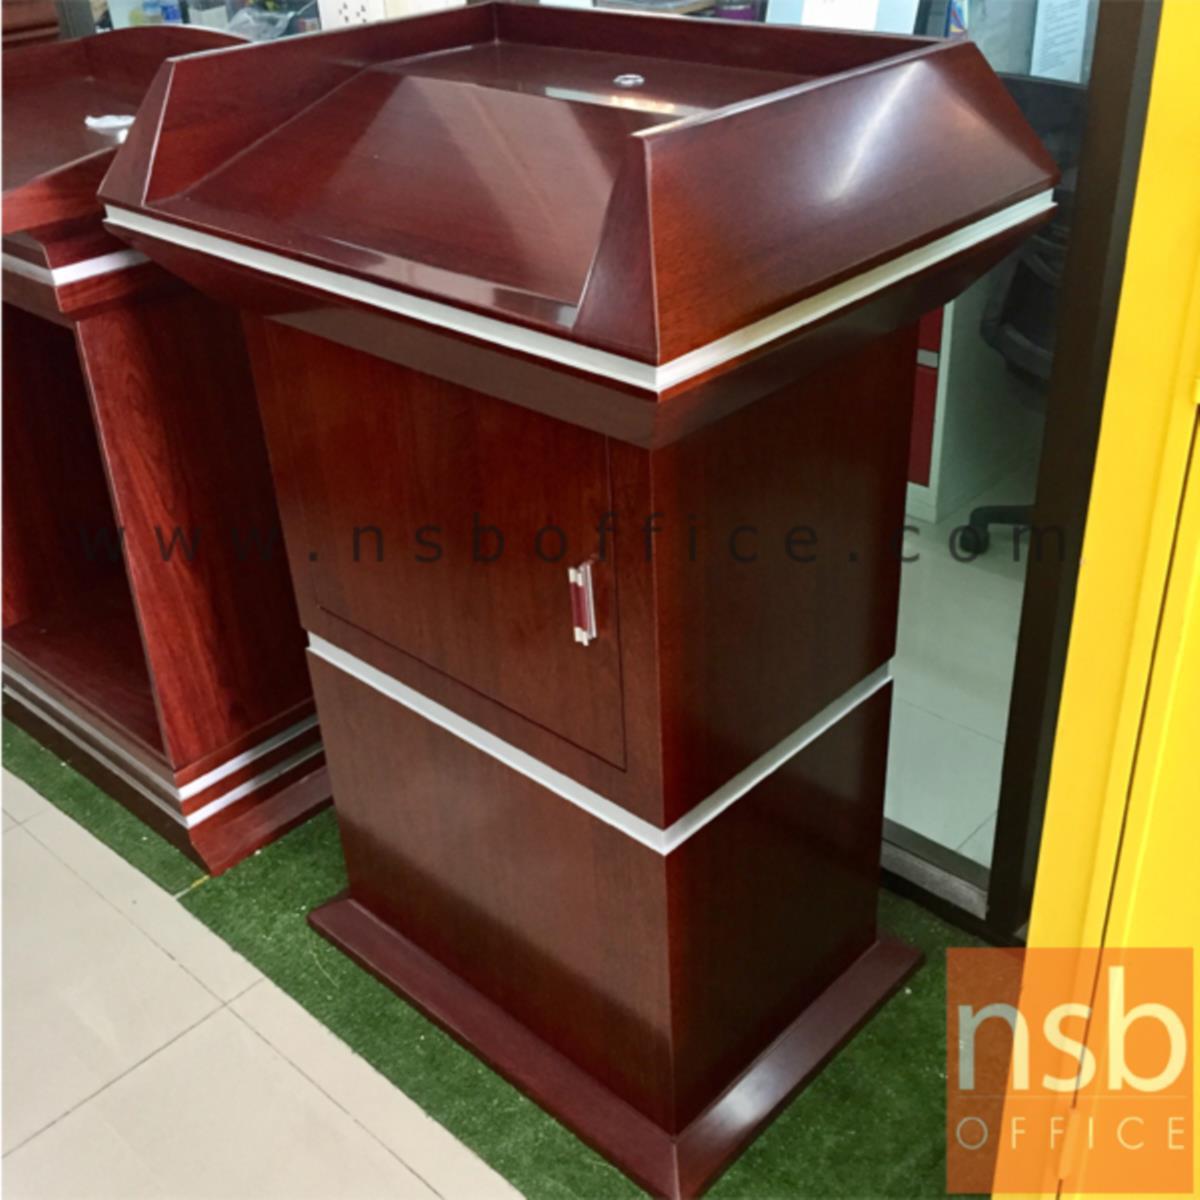 โพเดี่ยมไม้สีโอ๊ค คิ้วโลหะสีบรอนซ์ รุ่น Lachey (ลาเชย์) ขนาด 80W*60D*120H cm